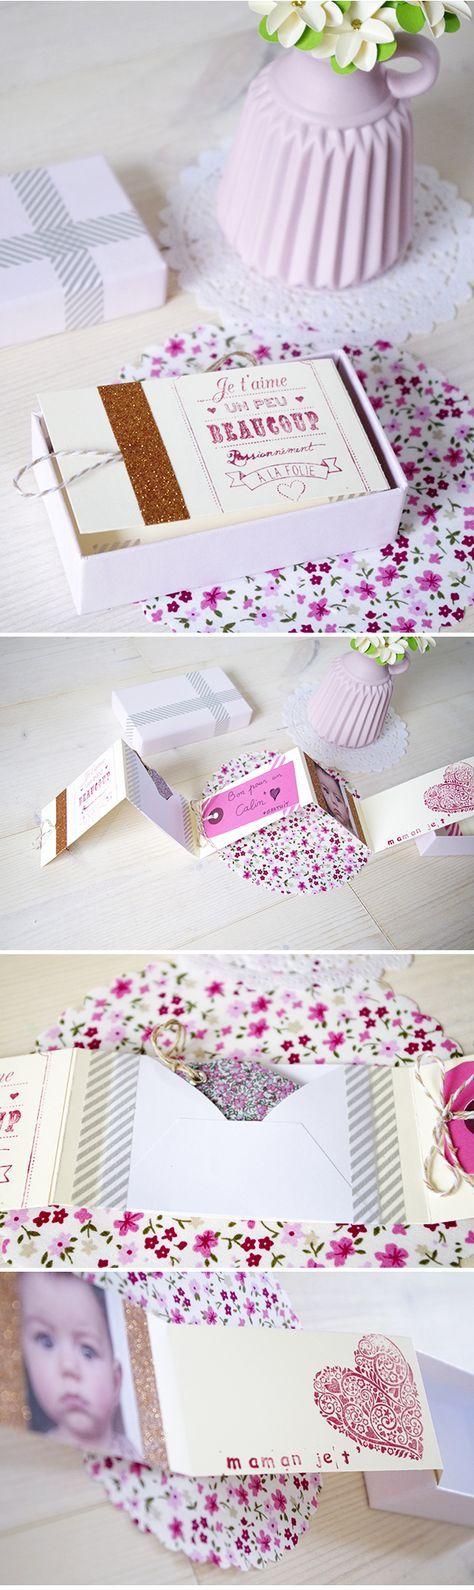 {DIY} Une boite remplie damour pour la fête des mères